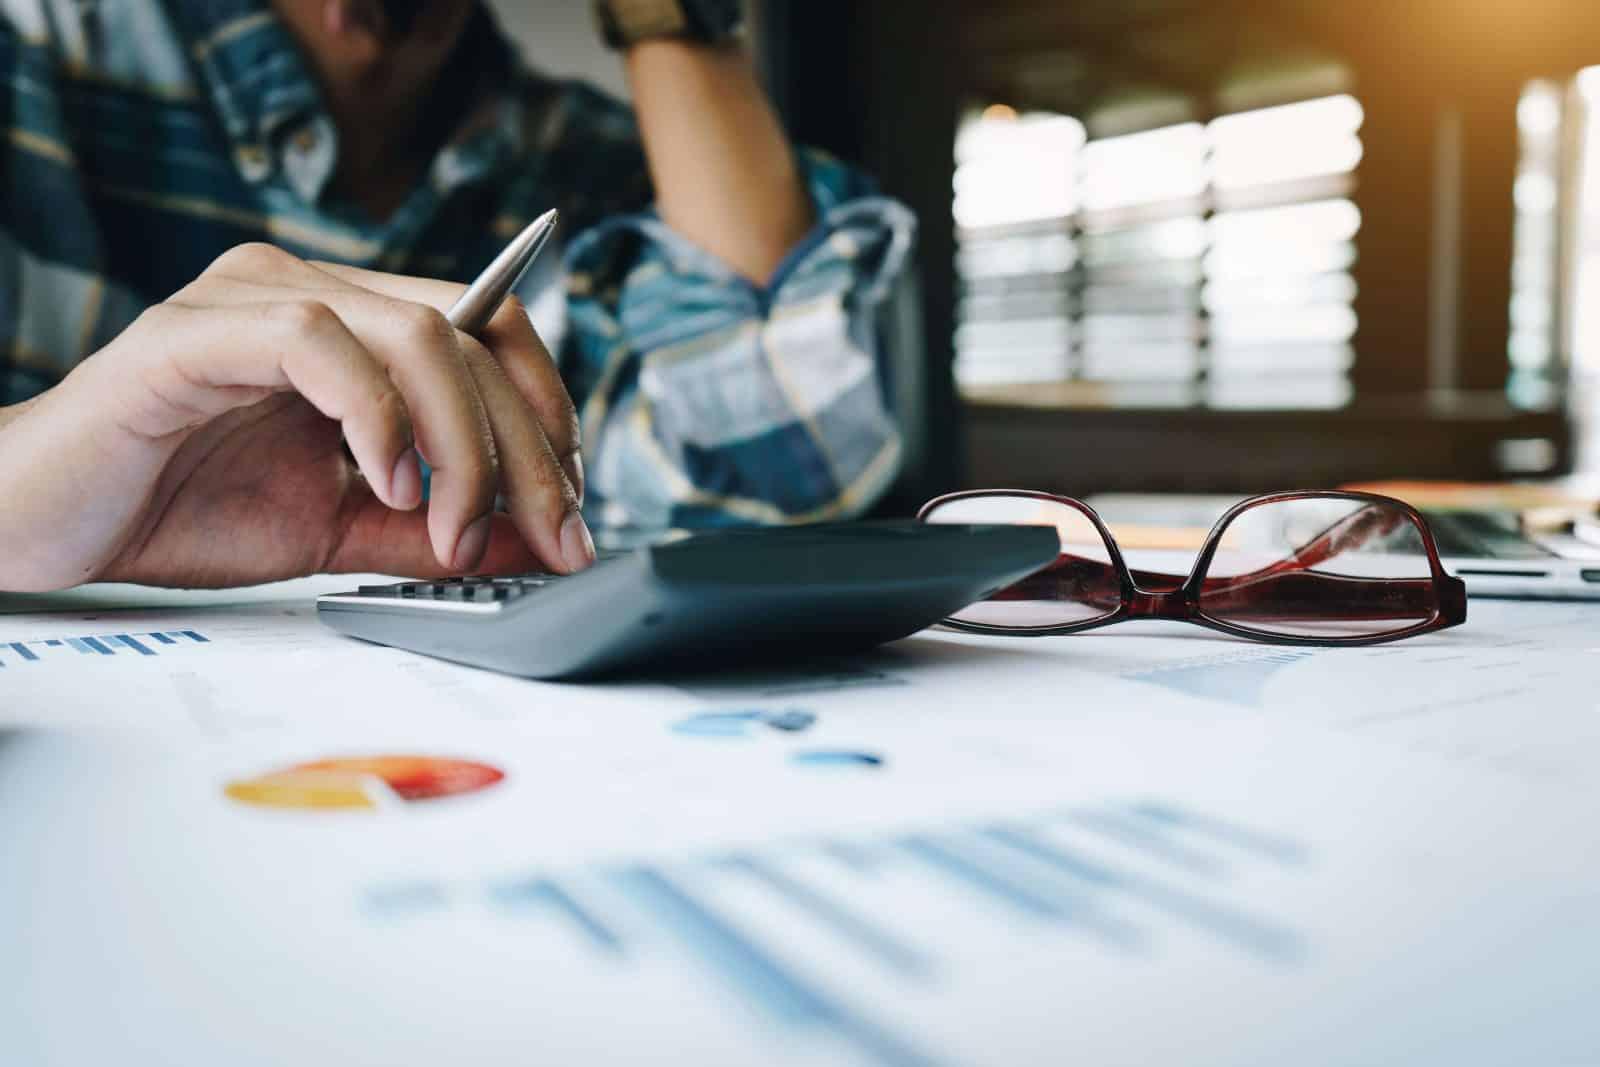 Perhitungan PPh 21 Berdasarkan PTKP 2018 Harian Terbaru yang Perlu Perusahaan Ketahui